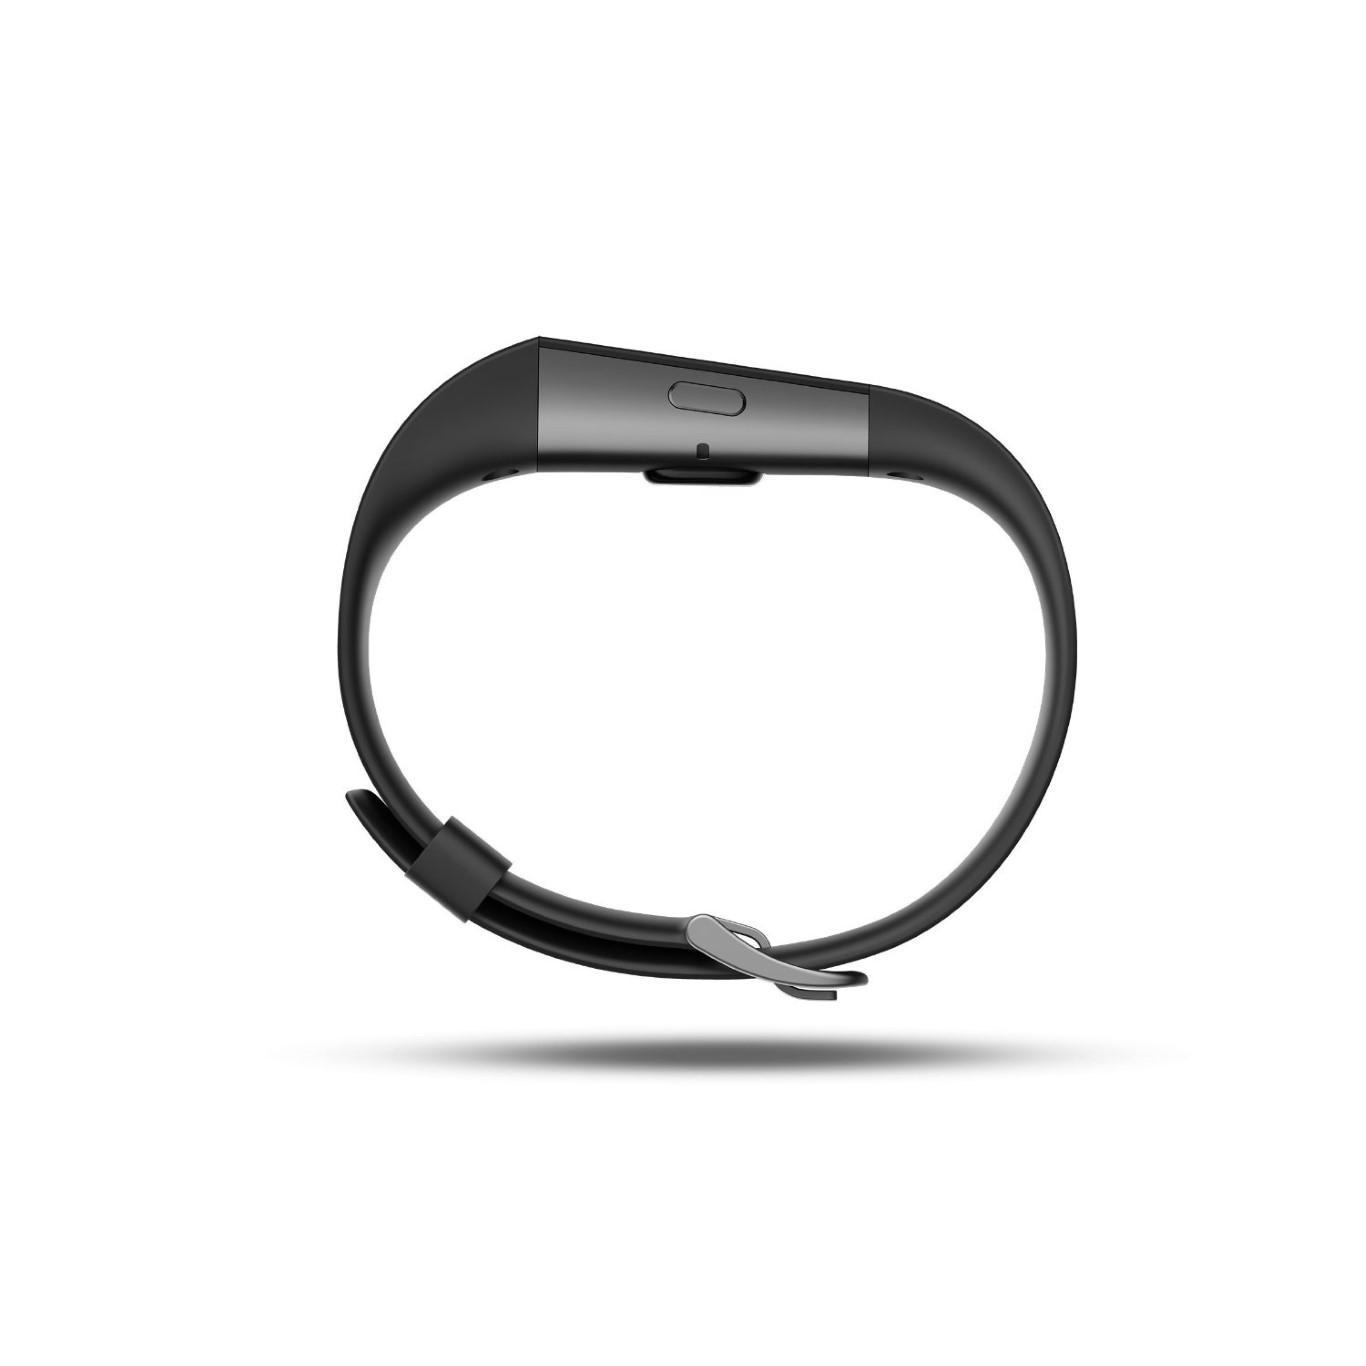 Fitbit Surge im Profil